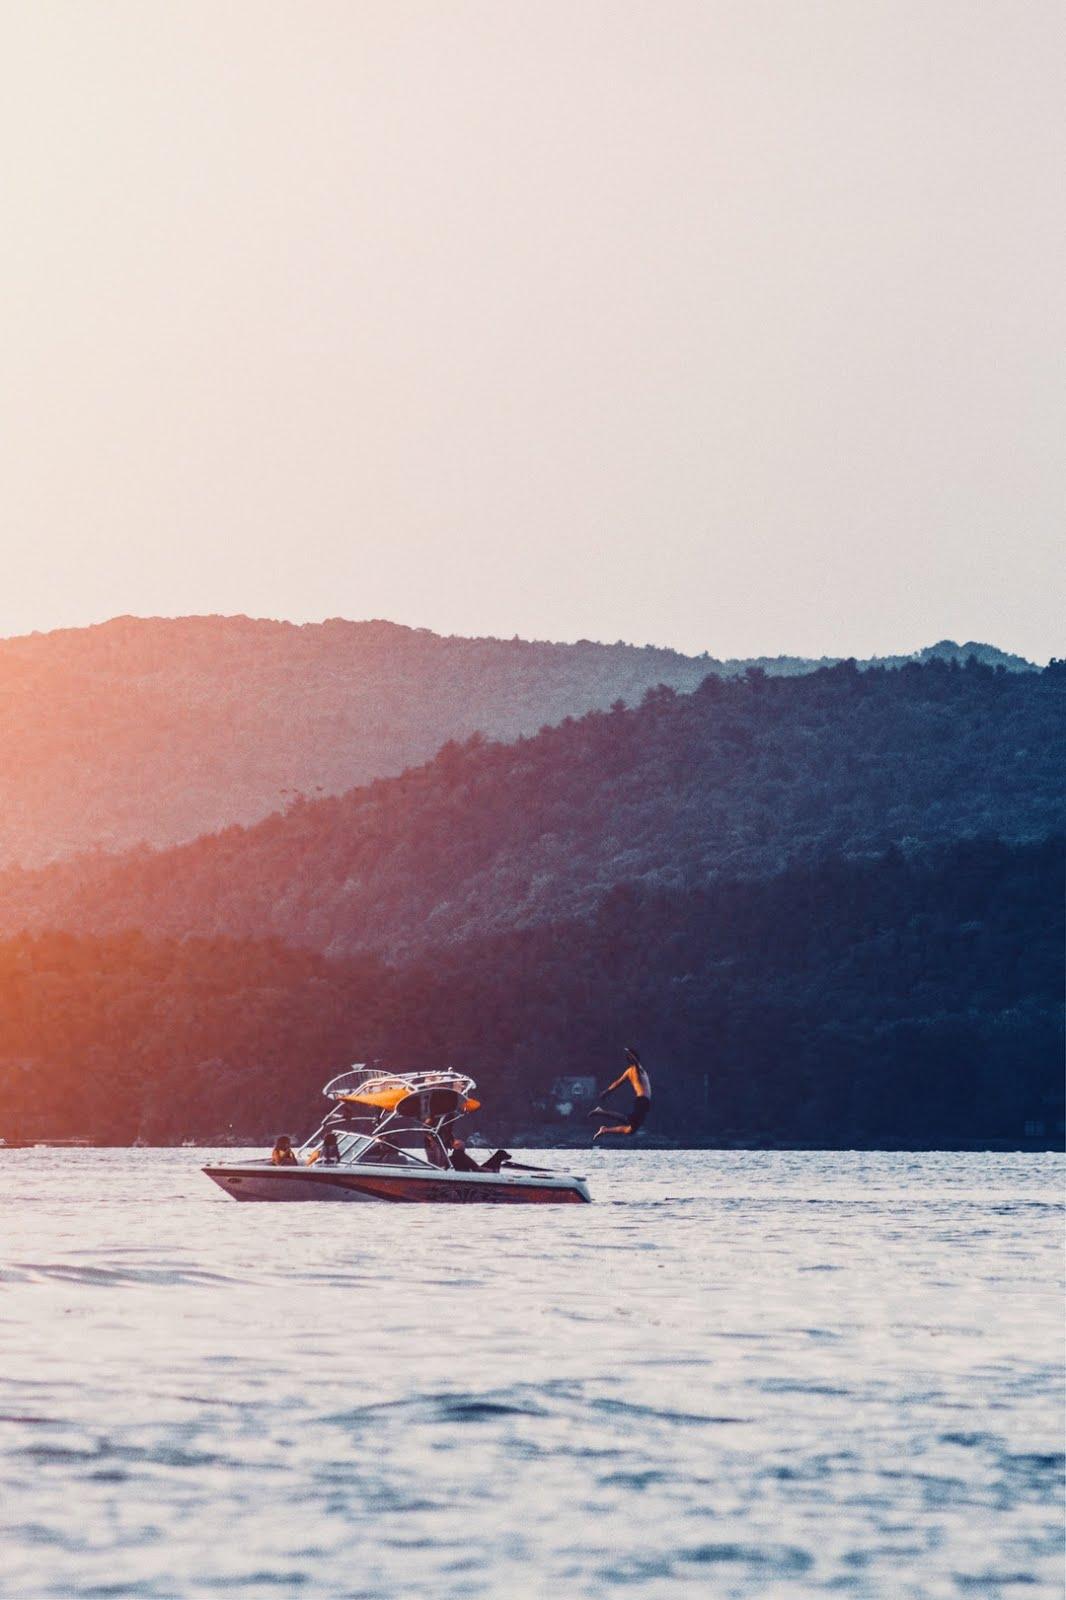 قارب في البحر مع اشعة الشمس الحمراء الرقيقة خلفيات ايفون 6s